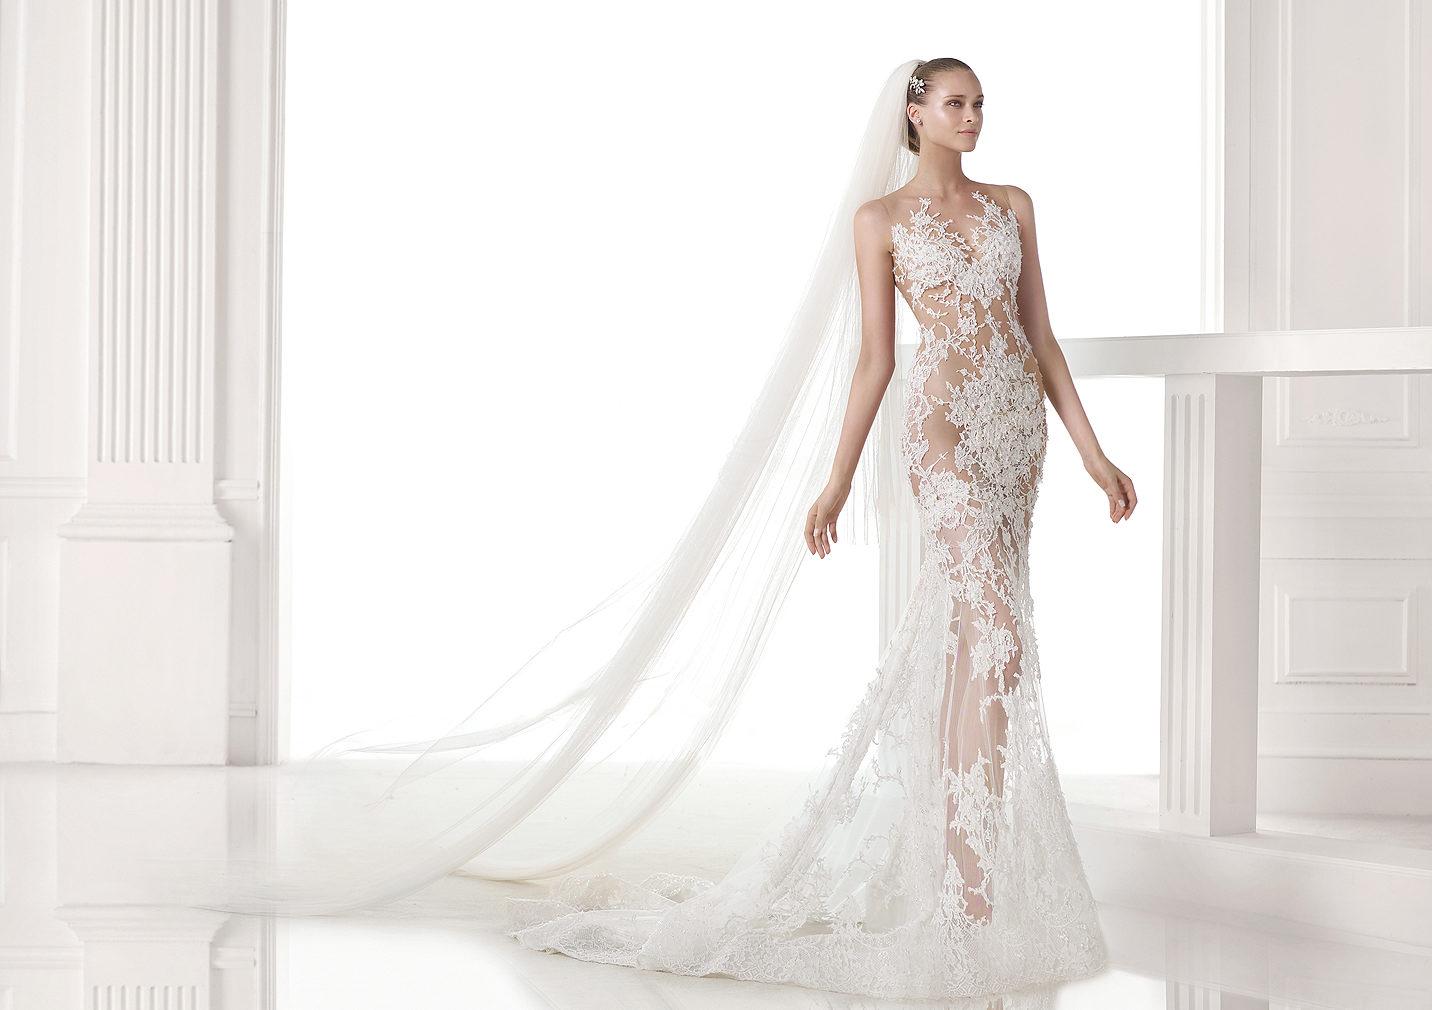 Svadobné šaty Pronovias z kolekcie S/S 2015 z extravagantnej priehľadnej čipky s účesom s dlhou vlečkou.